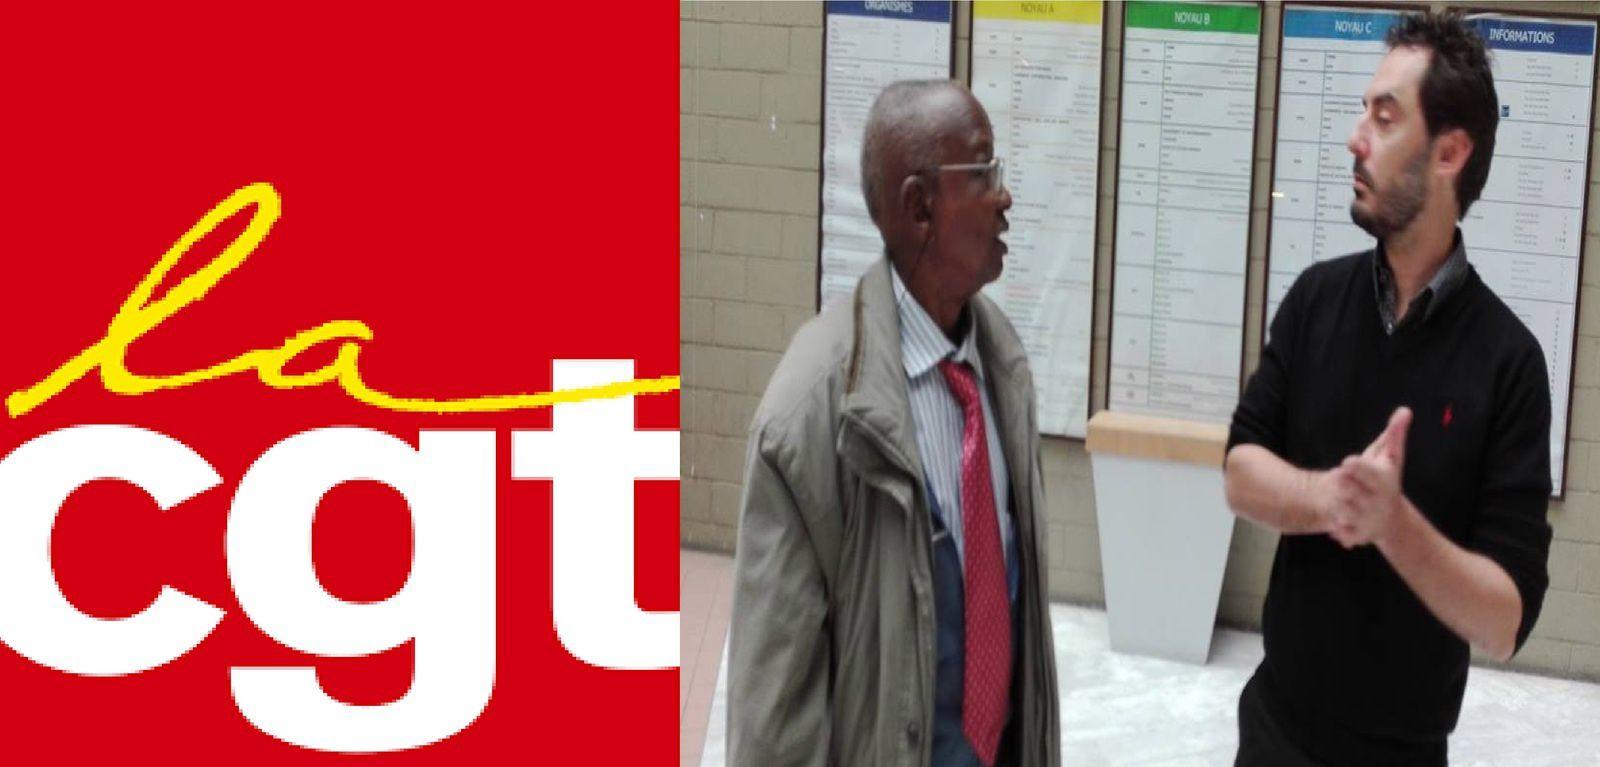 Déclaration de la CGT sur le mouvement social au Tchad (communiqué de presse)